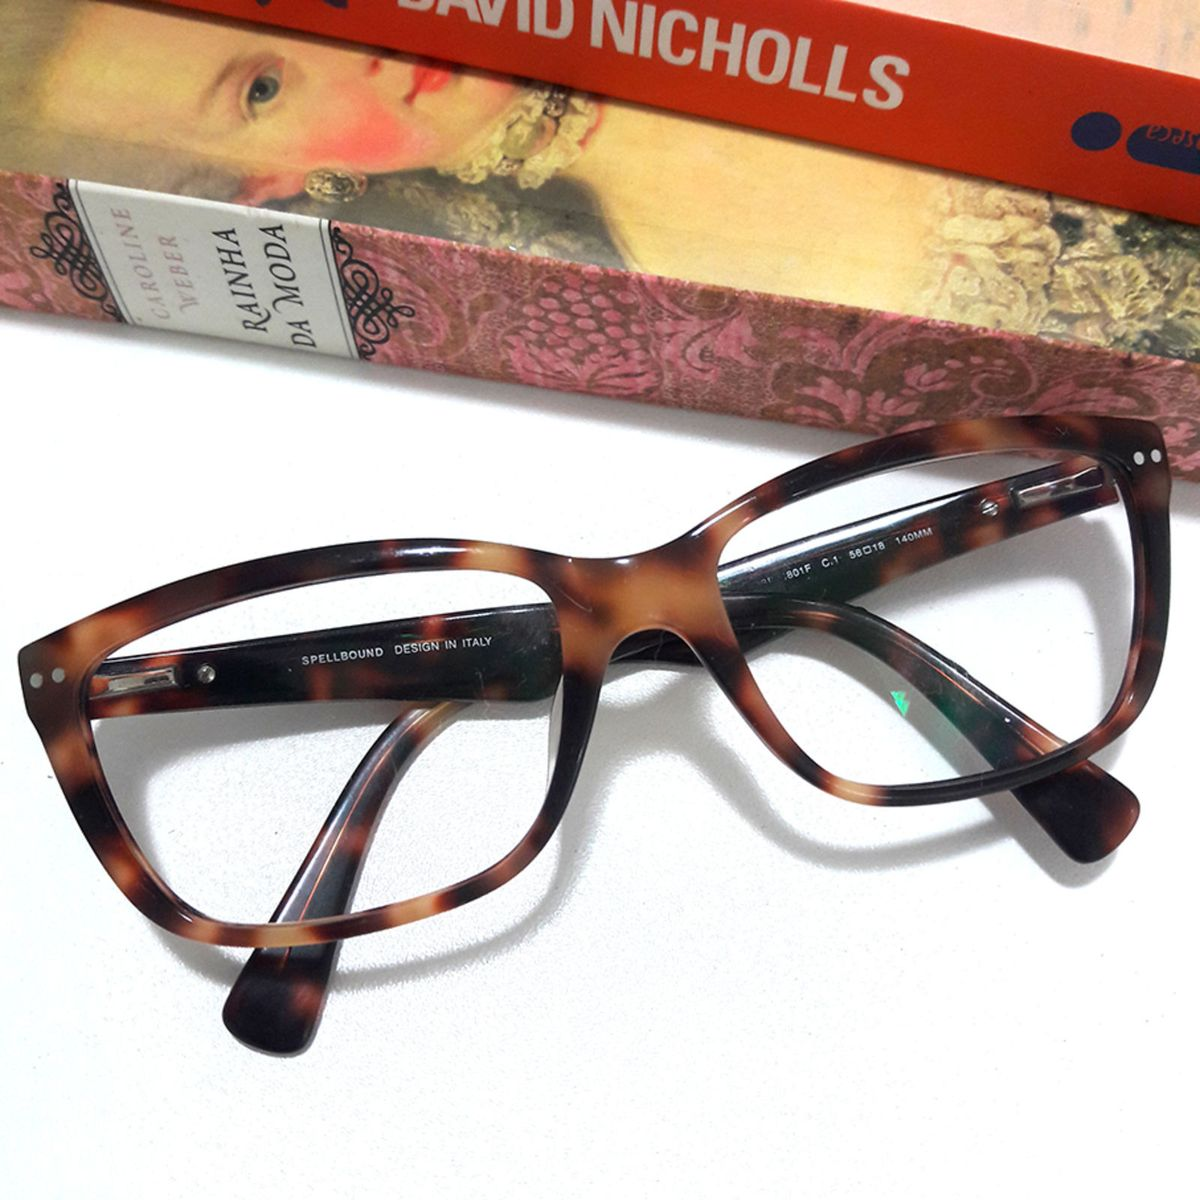 óculos de grau spellbound - óculos spellbound.  Czm6ly9wag90b3muzw5qb2vplmnvbs5ici9wcm9kdwn0cy82njq1nze3lziyotmzzwviztc3m2qxmjljnzbhmdc1zdnhodizzjm2lmpwzw  ... 23faf34728